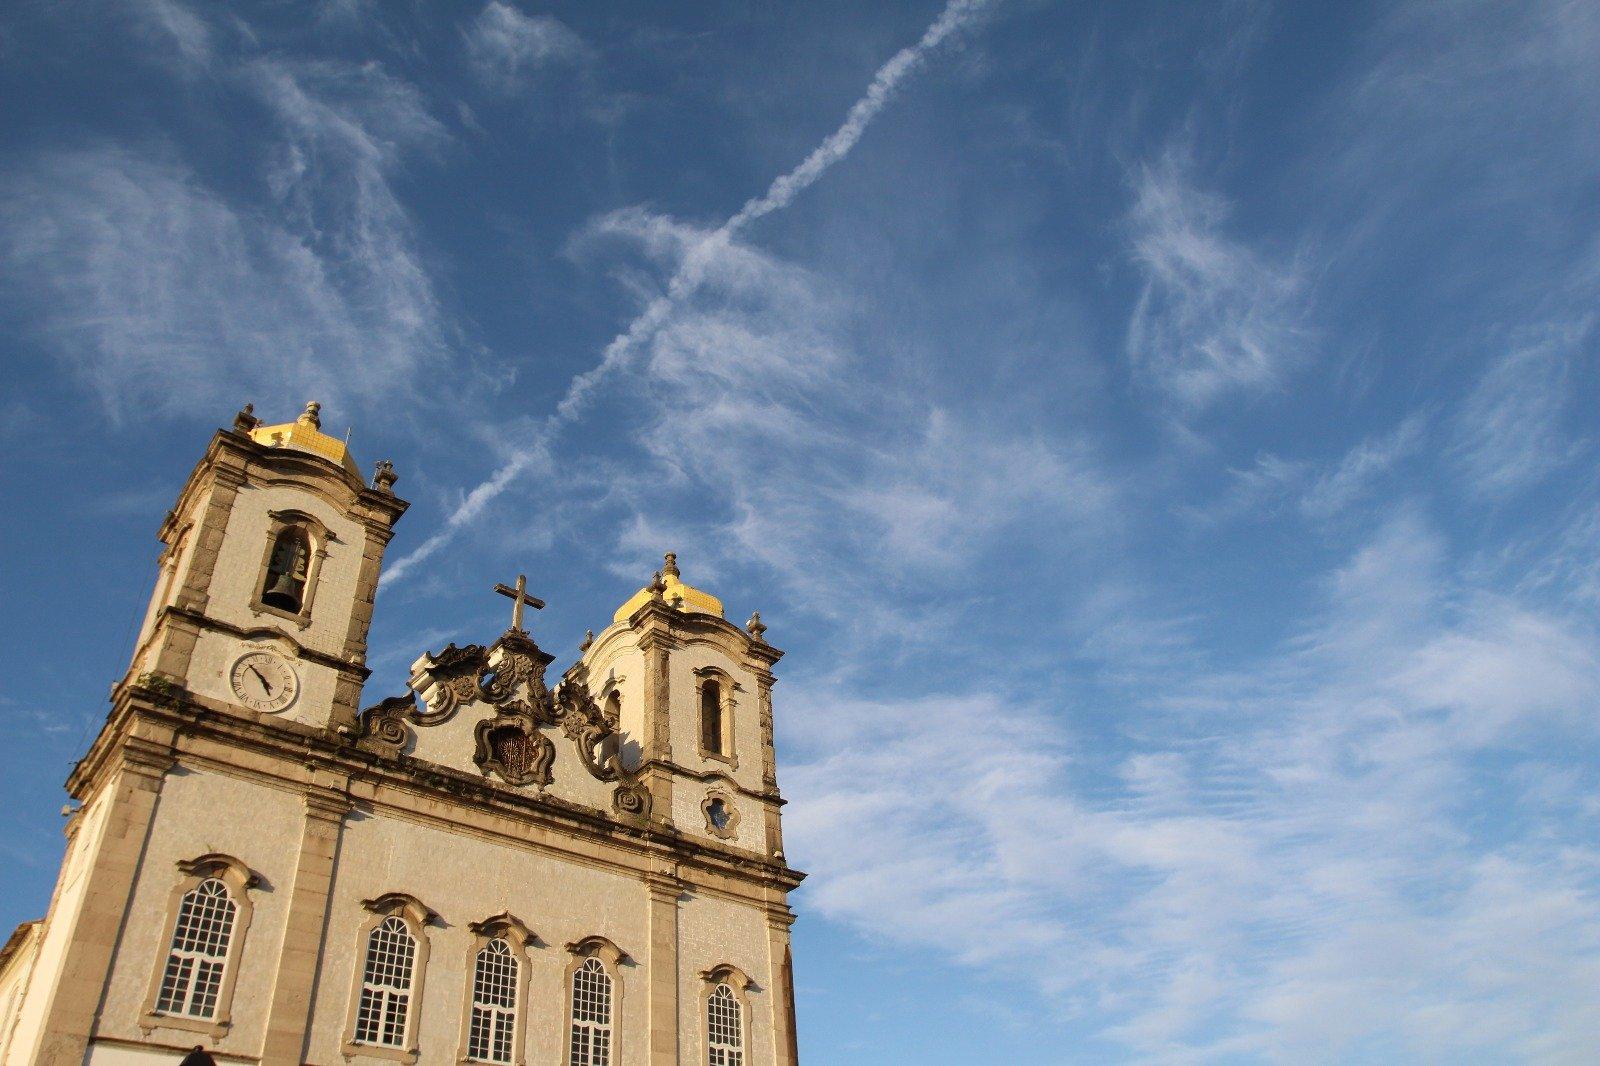 Destinos religiosos serão debatidos como atrativos para o turismo nesta sexta-feira (11)